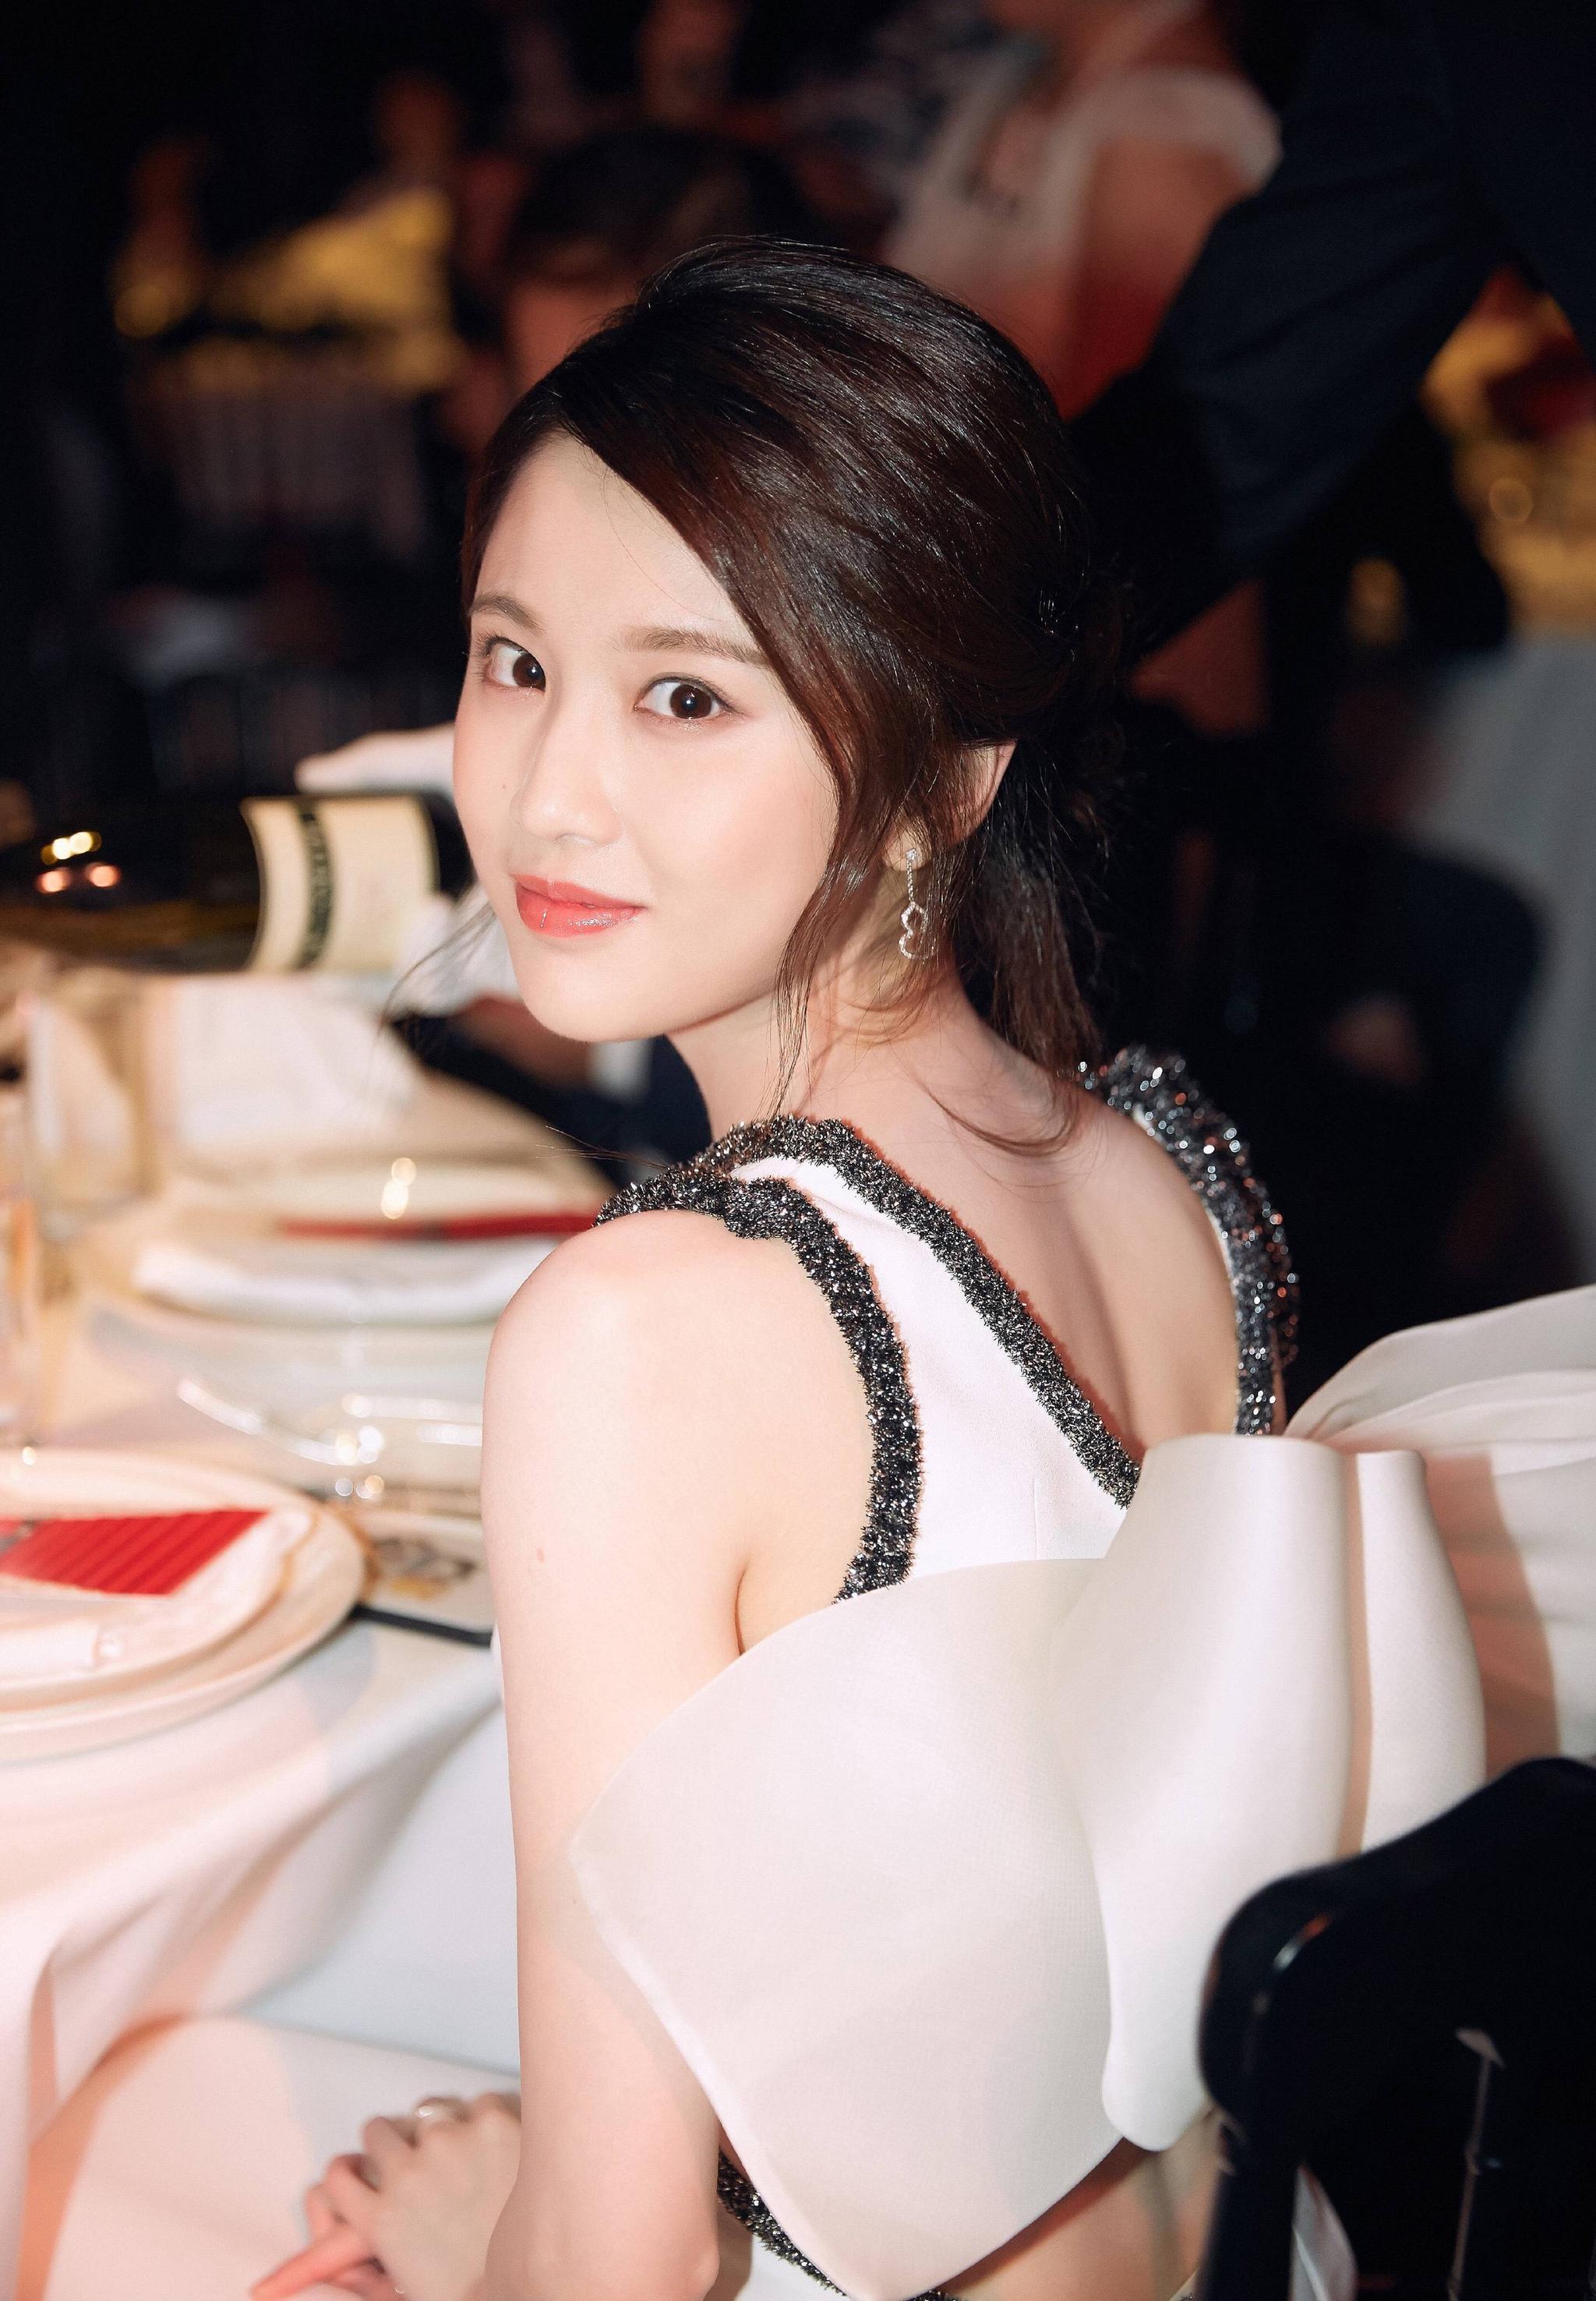 张慧雯身着一袭优雅气质的白色礼服亮相,尽显少女的清新俏皮。